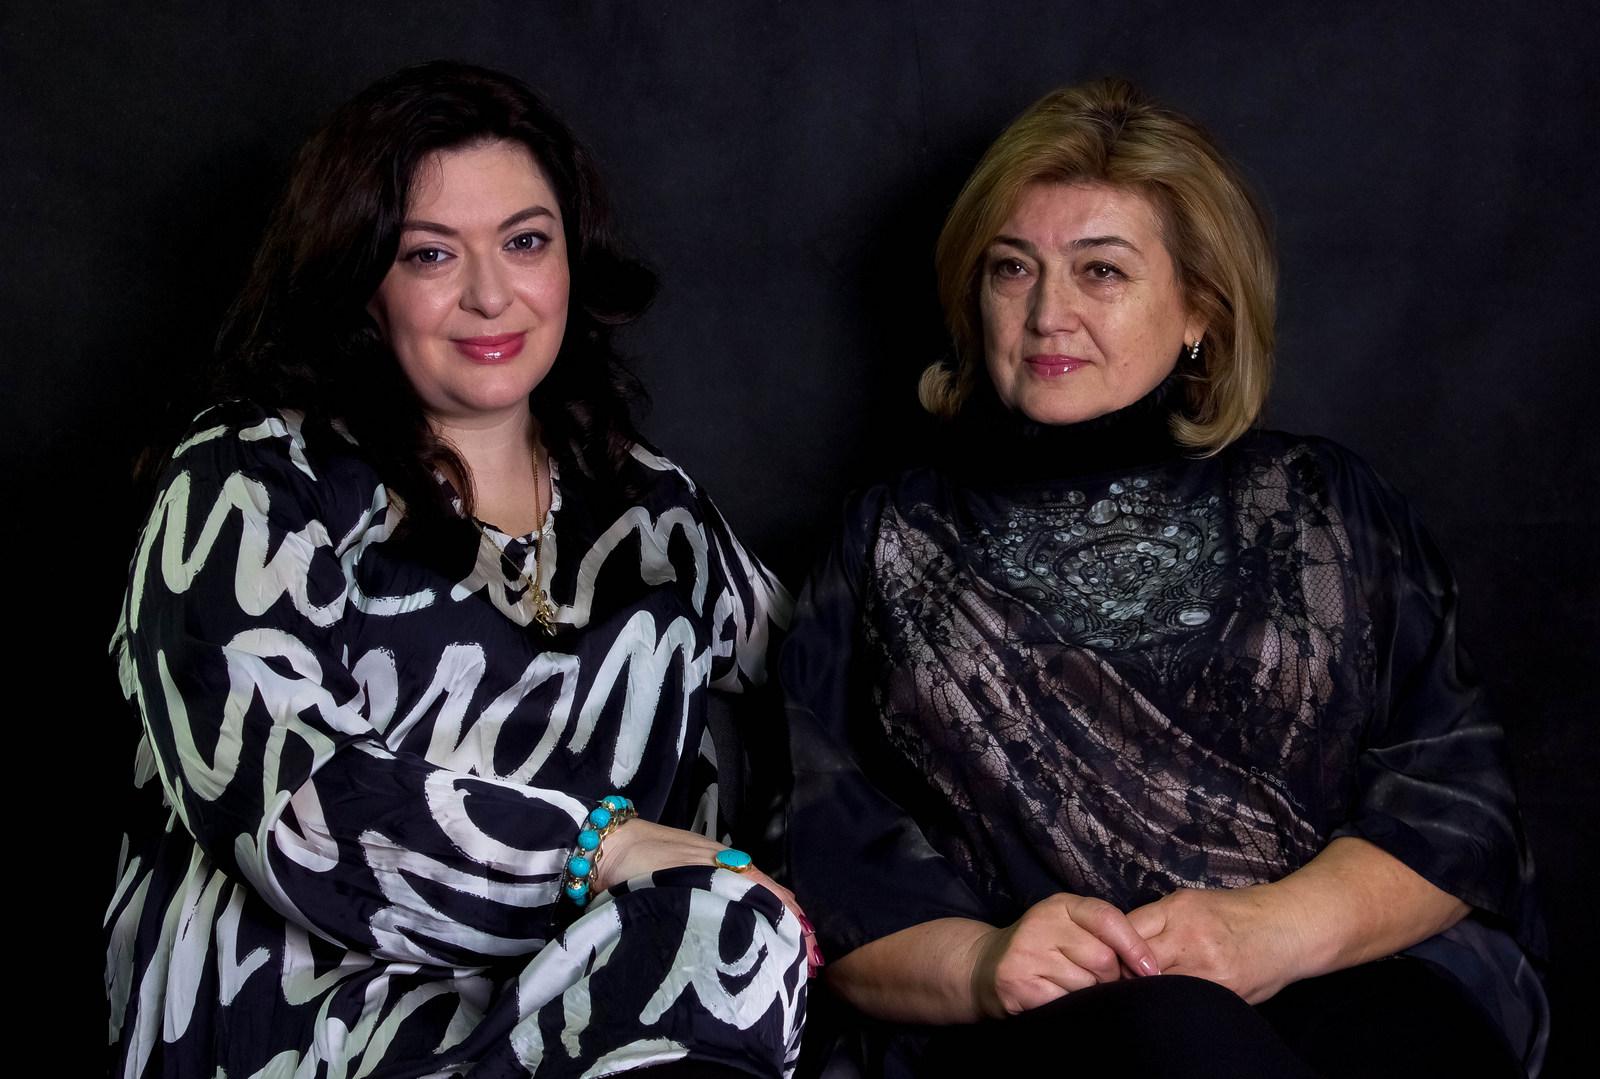 Анжела Мирджалиева (слева) - узбечка, еврейка, белоруска, дунганка. Анна Герцена (справа) - еврейка, белоруска,